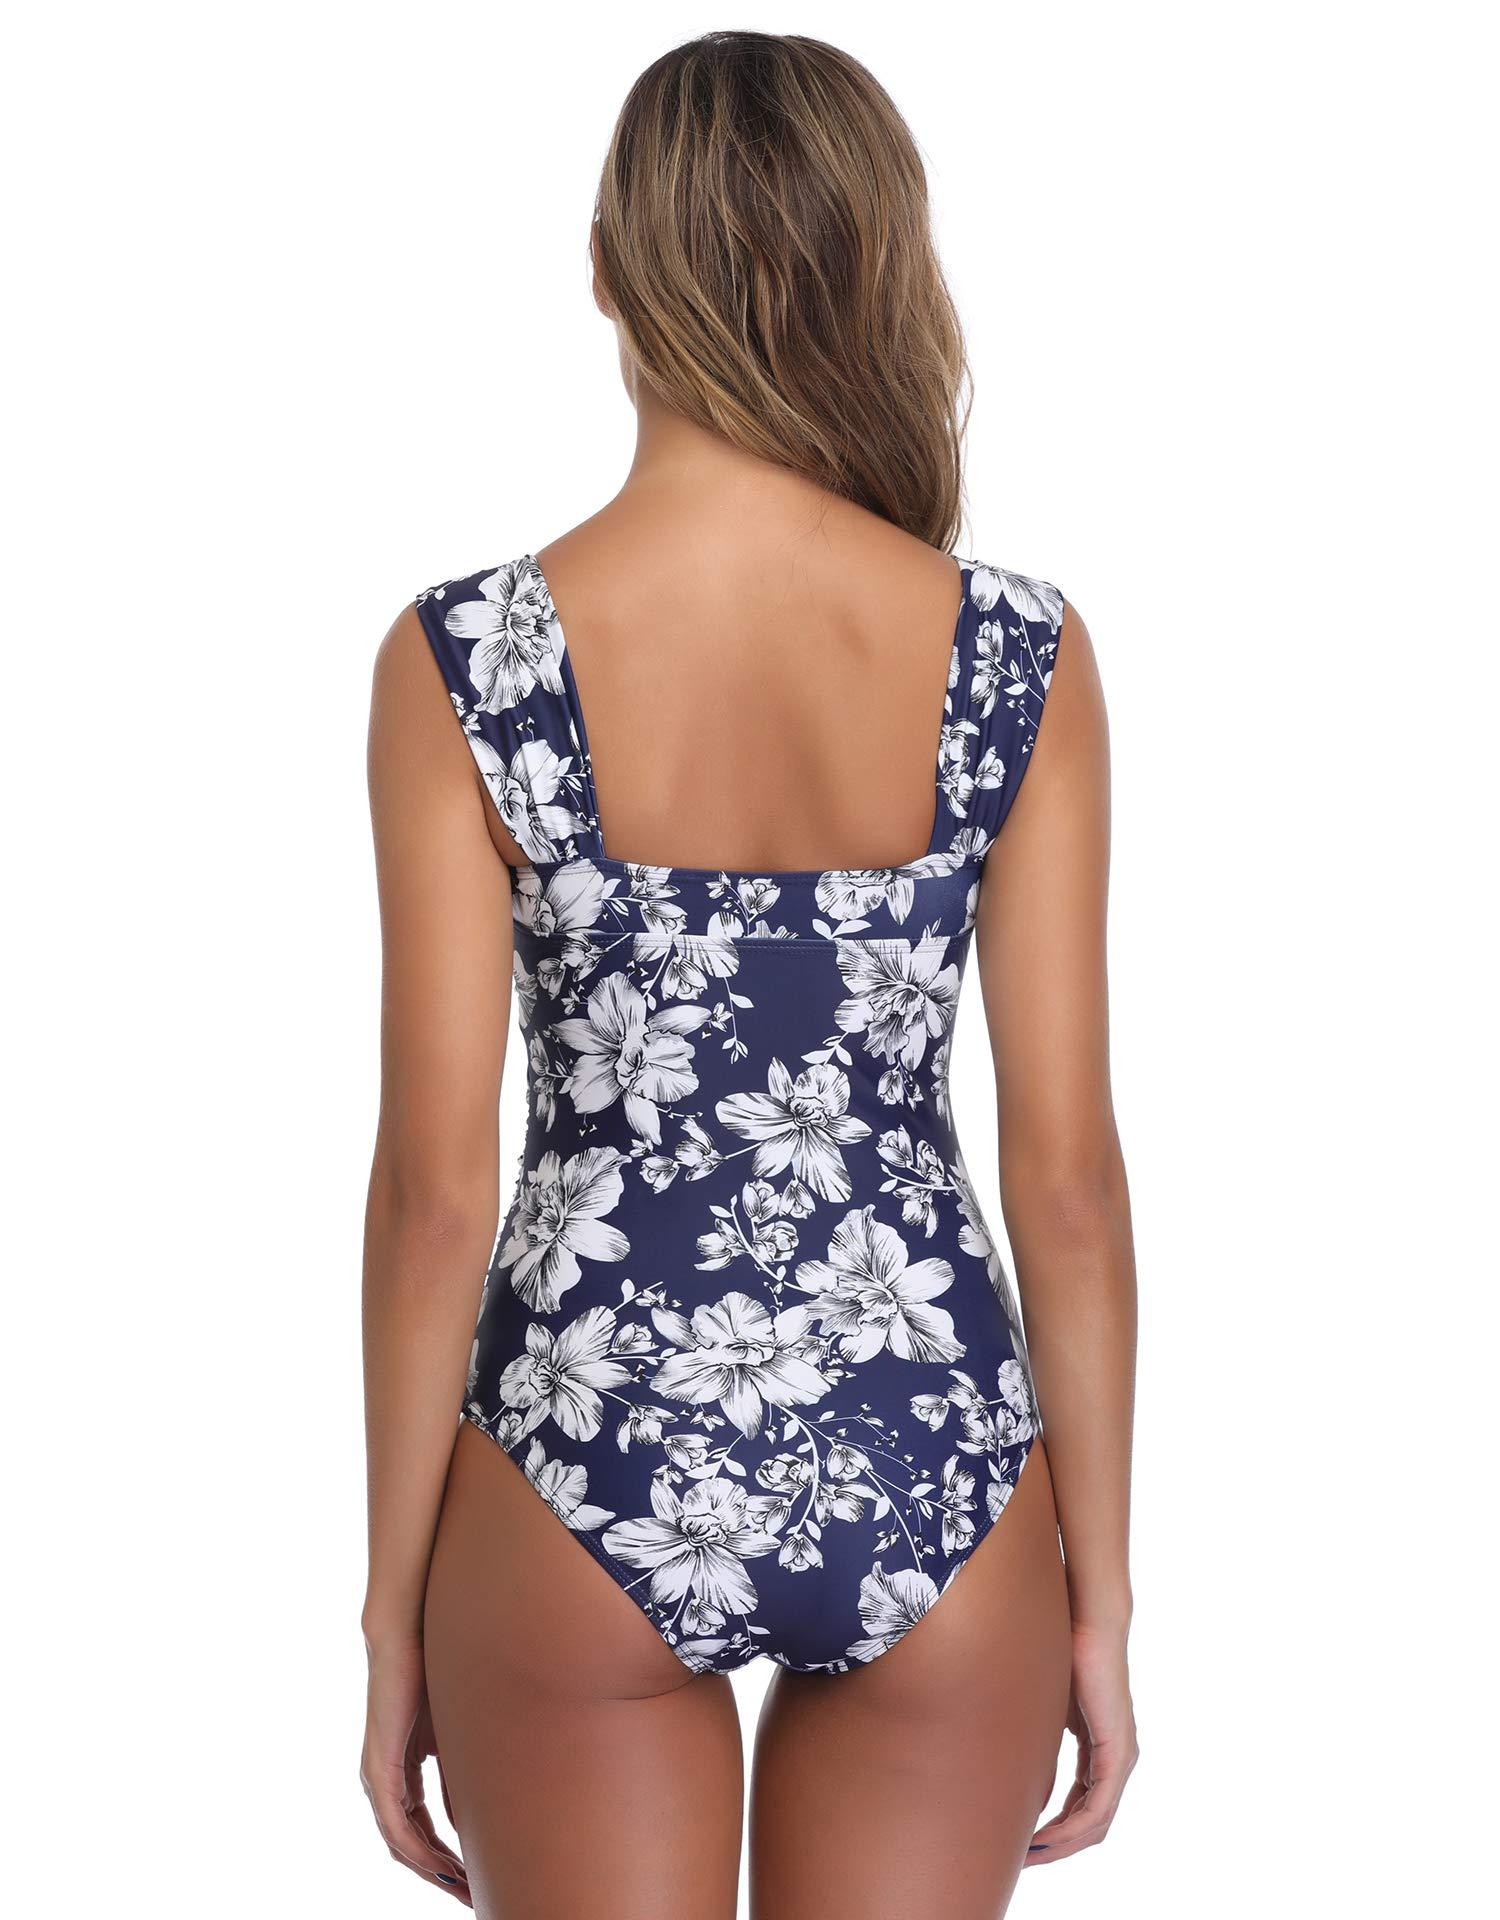 MarinaVida Women One Piece Tummy Control Swimsuit Vintage Push Up Bathing Suit